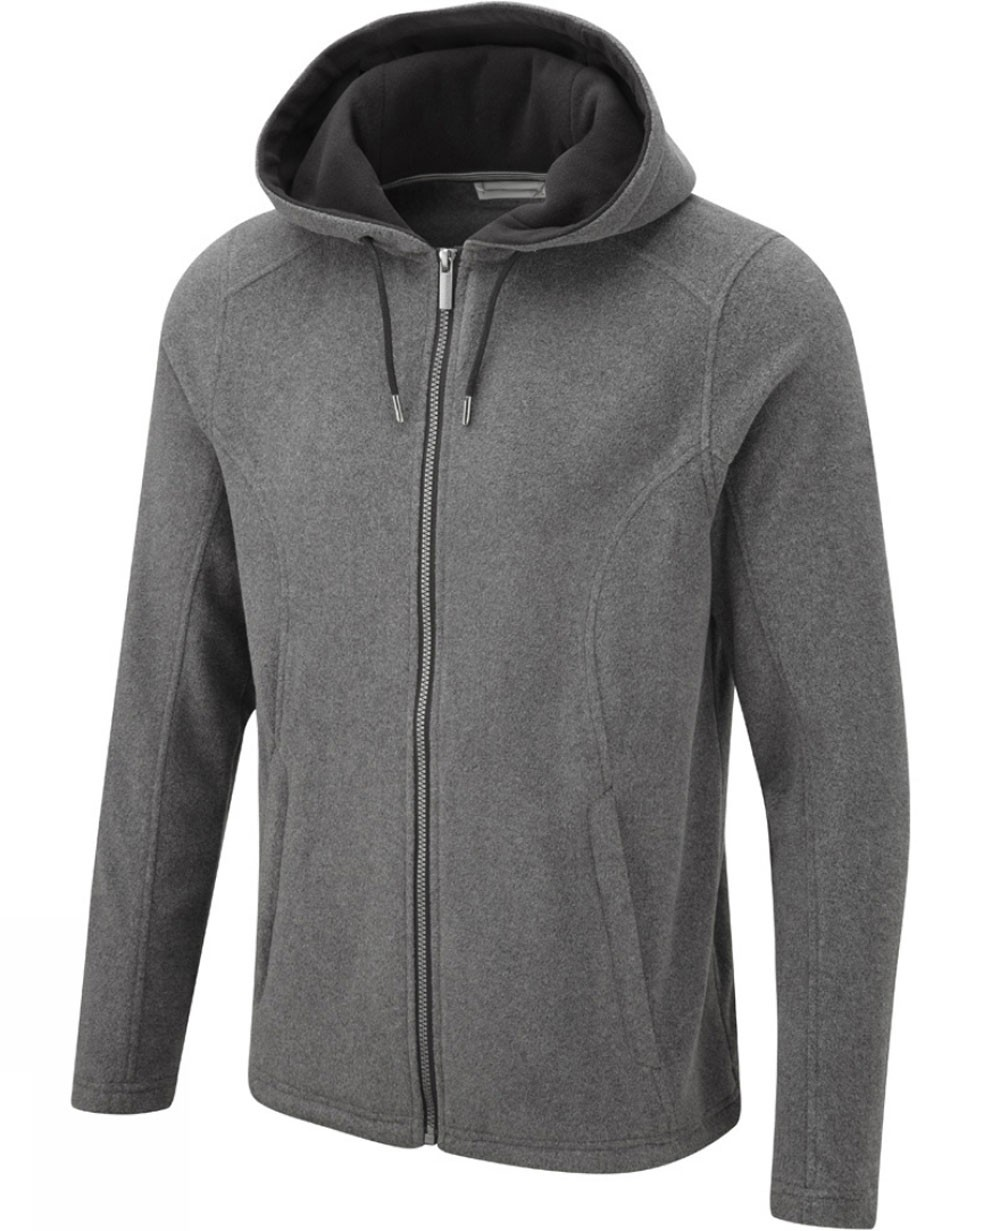 Mens Zip Up Fleece Jacket In Grey